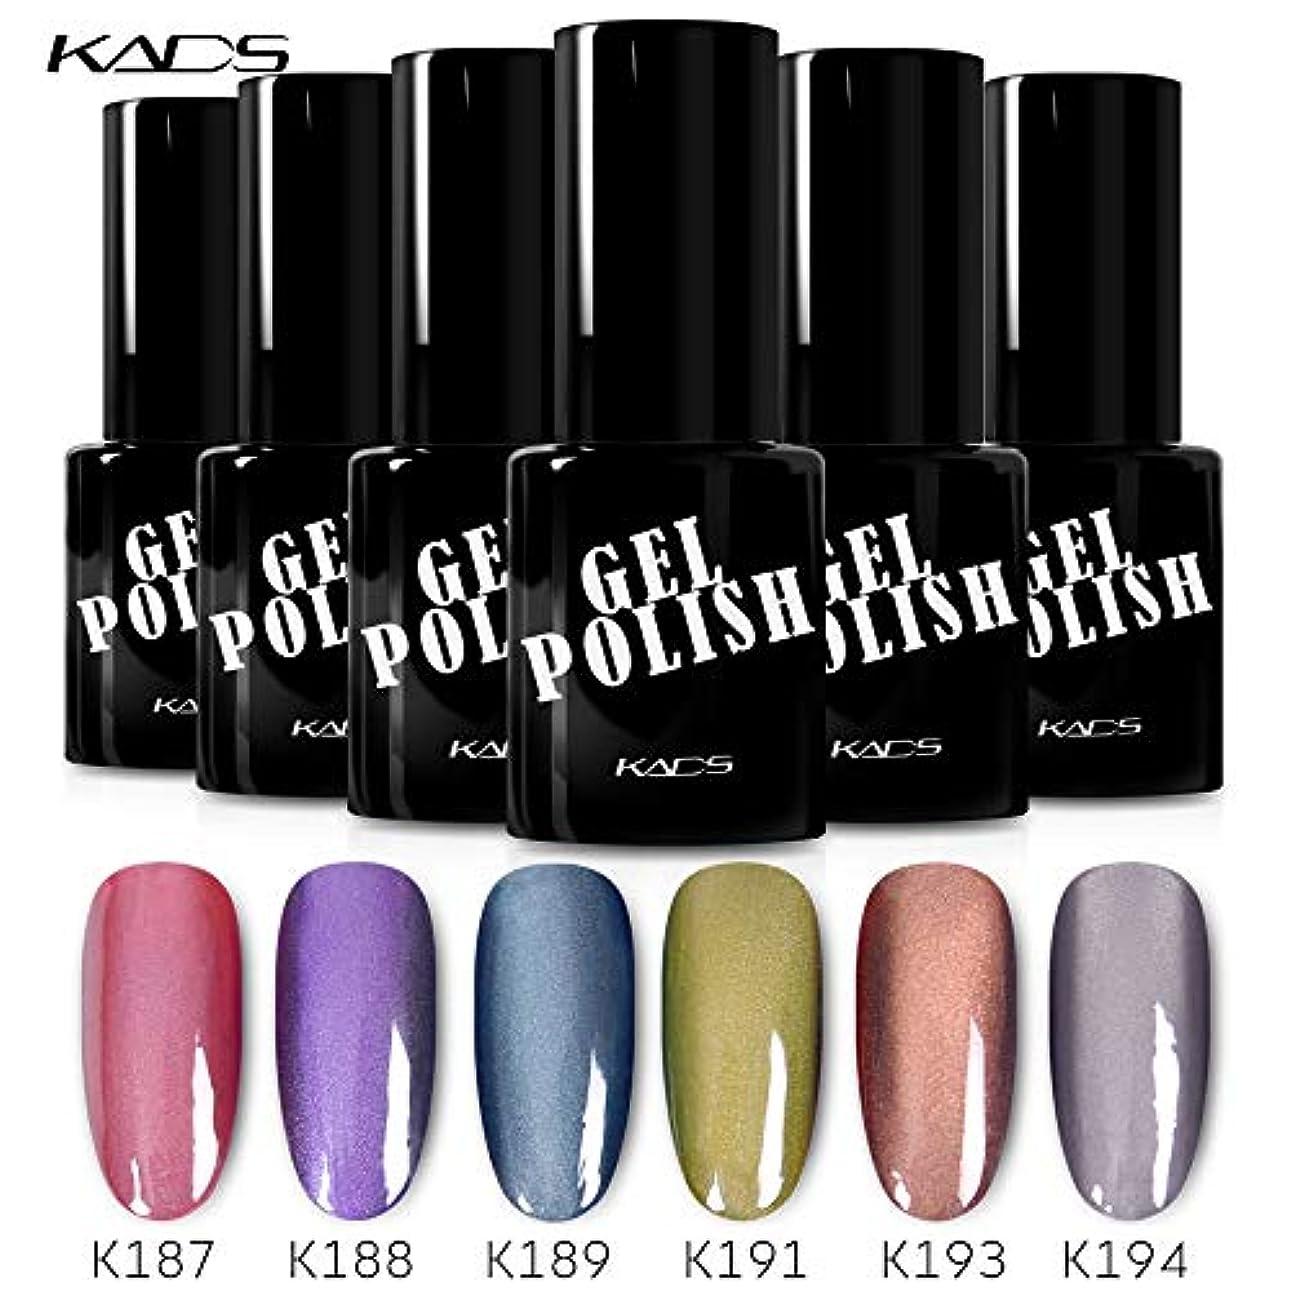 悪魔あなたが良くなります愛情KADS カラージェル 6色入り キャッツアイジェルネイル グリーン/ピンク/グレー カラーポリッシュ UV/LED対応 艶長持ち